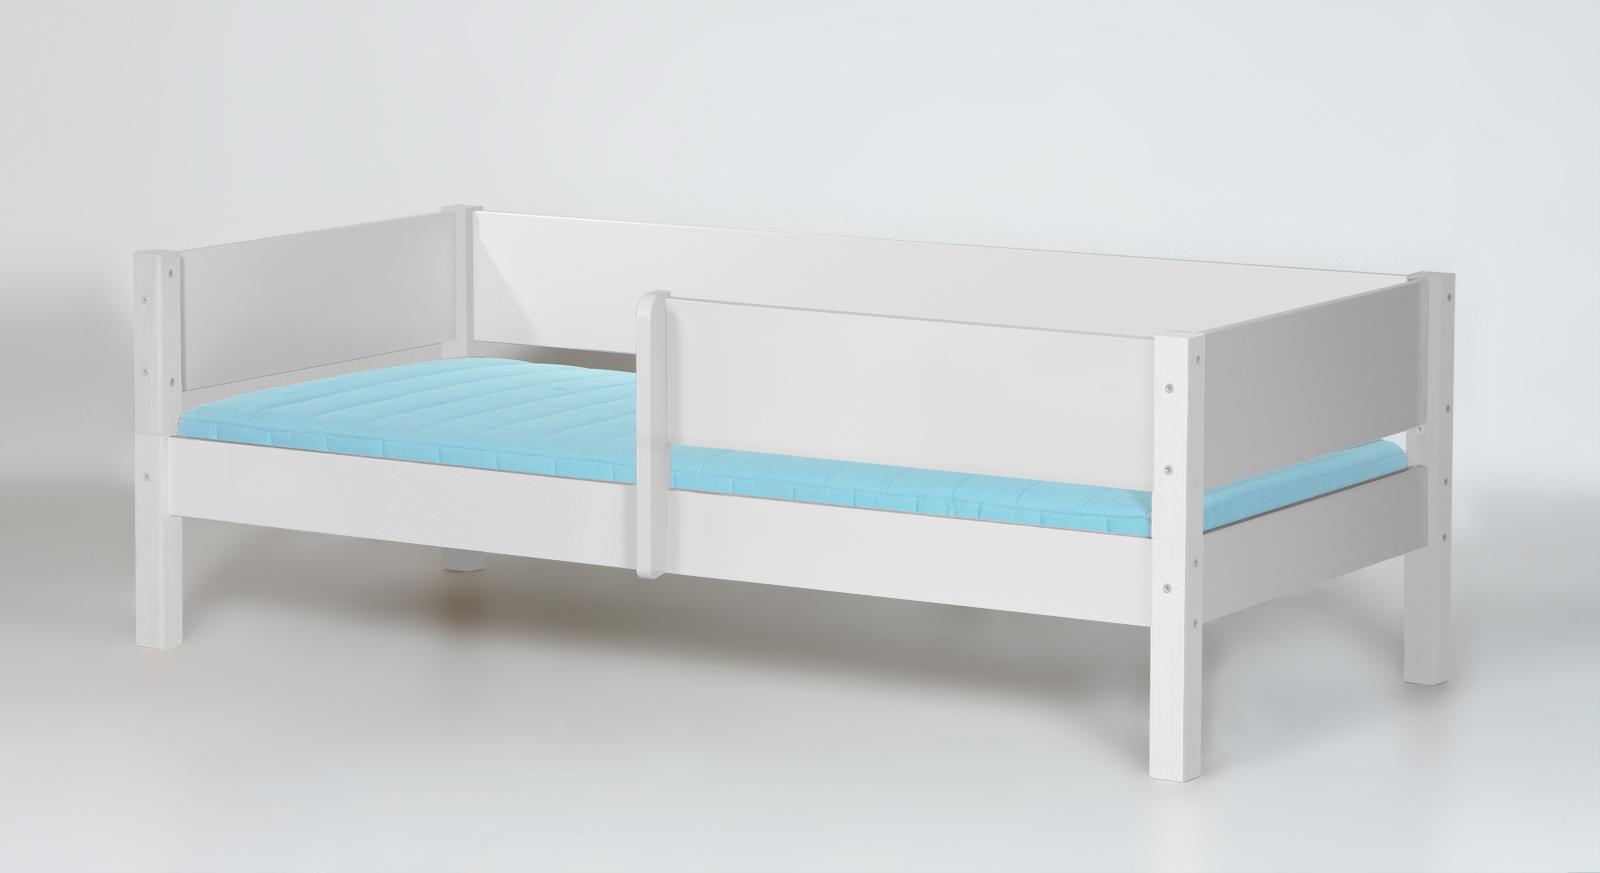 Kinderbett weiß  Kinderbett inkl. Absturzsicherung und Lattenrost - Kids Town